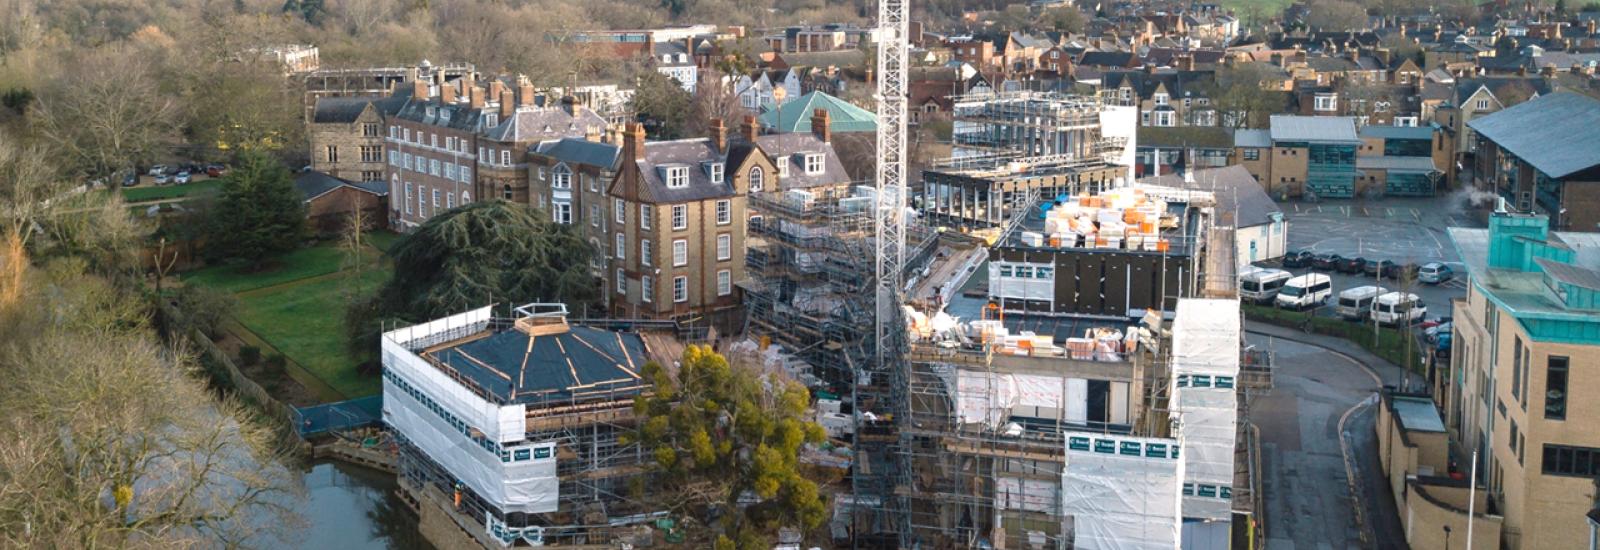 Building site Jan 2020